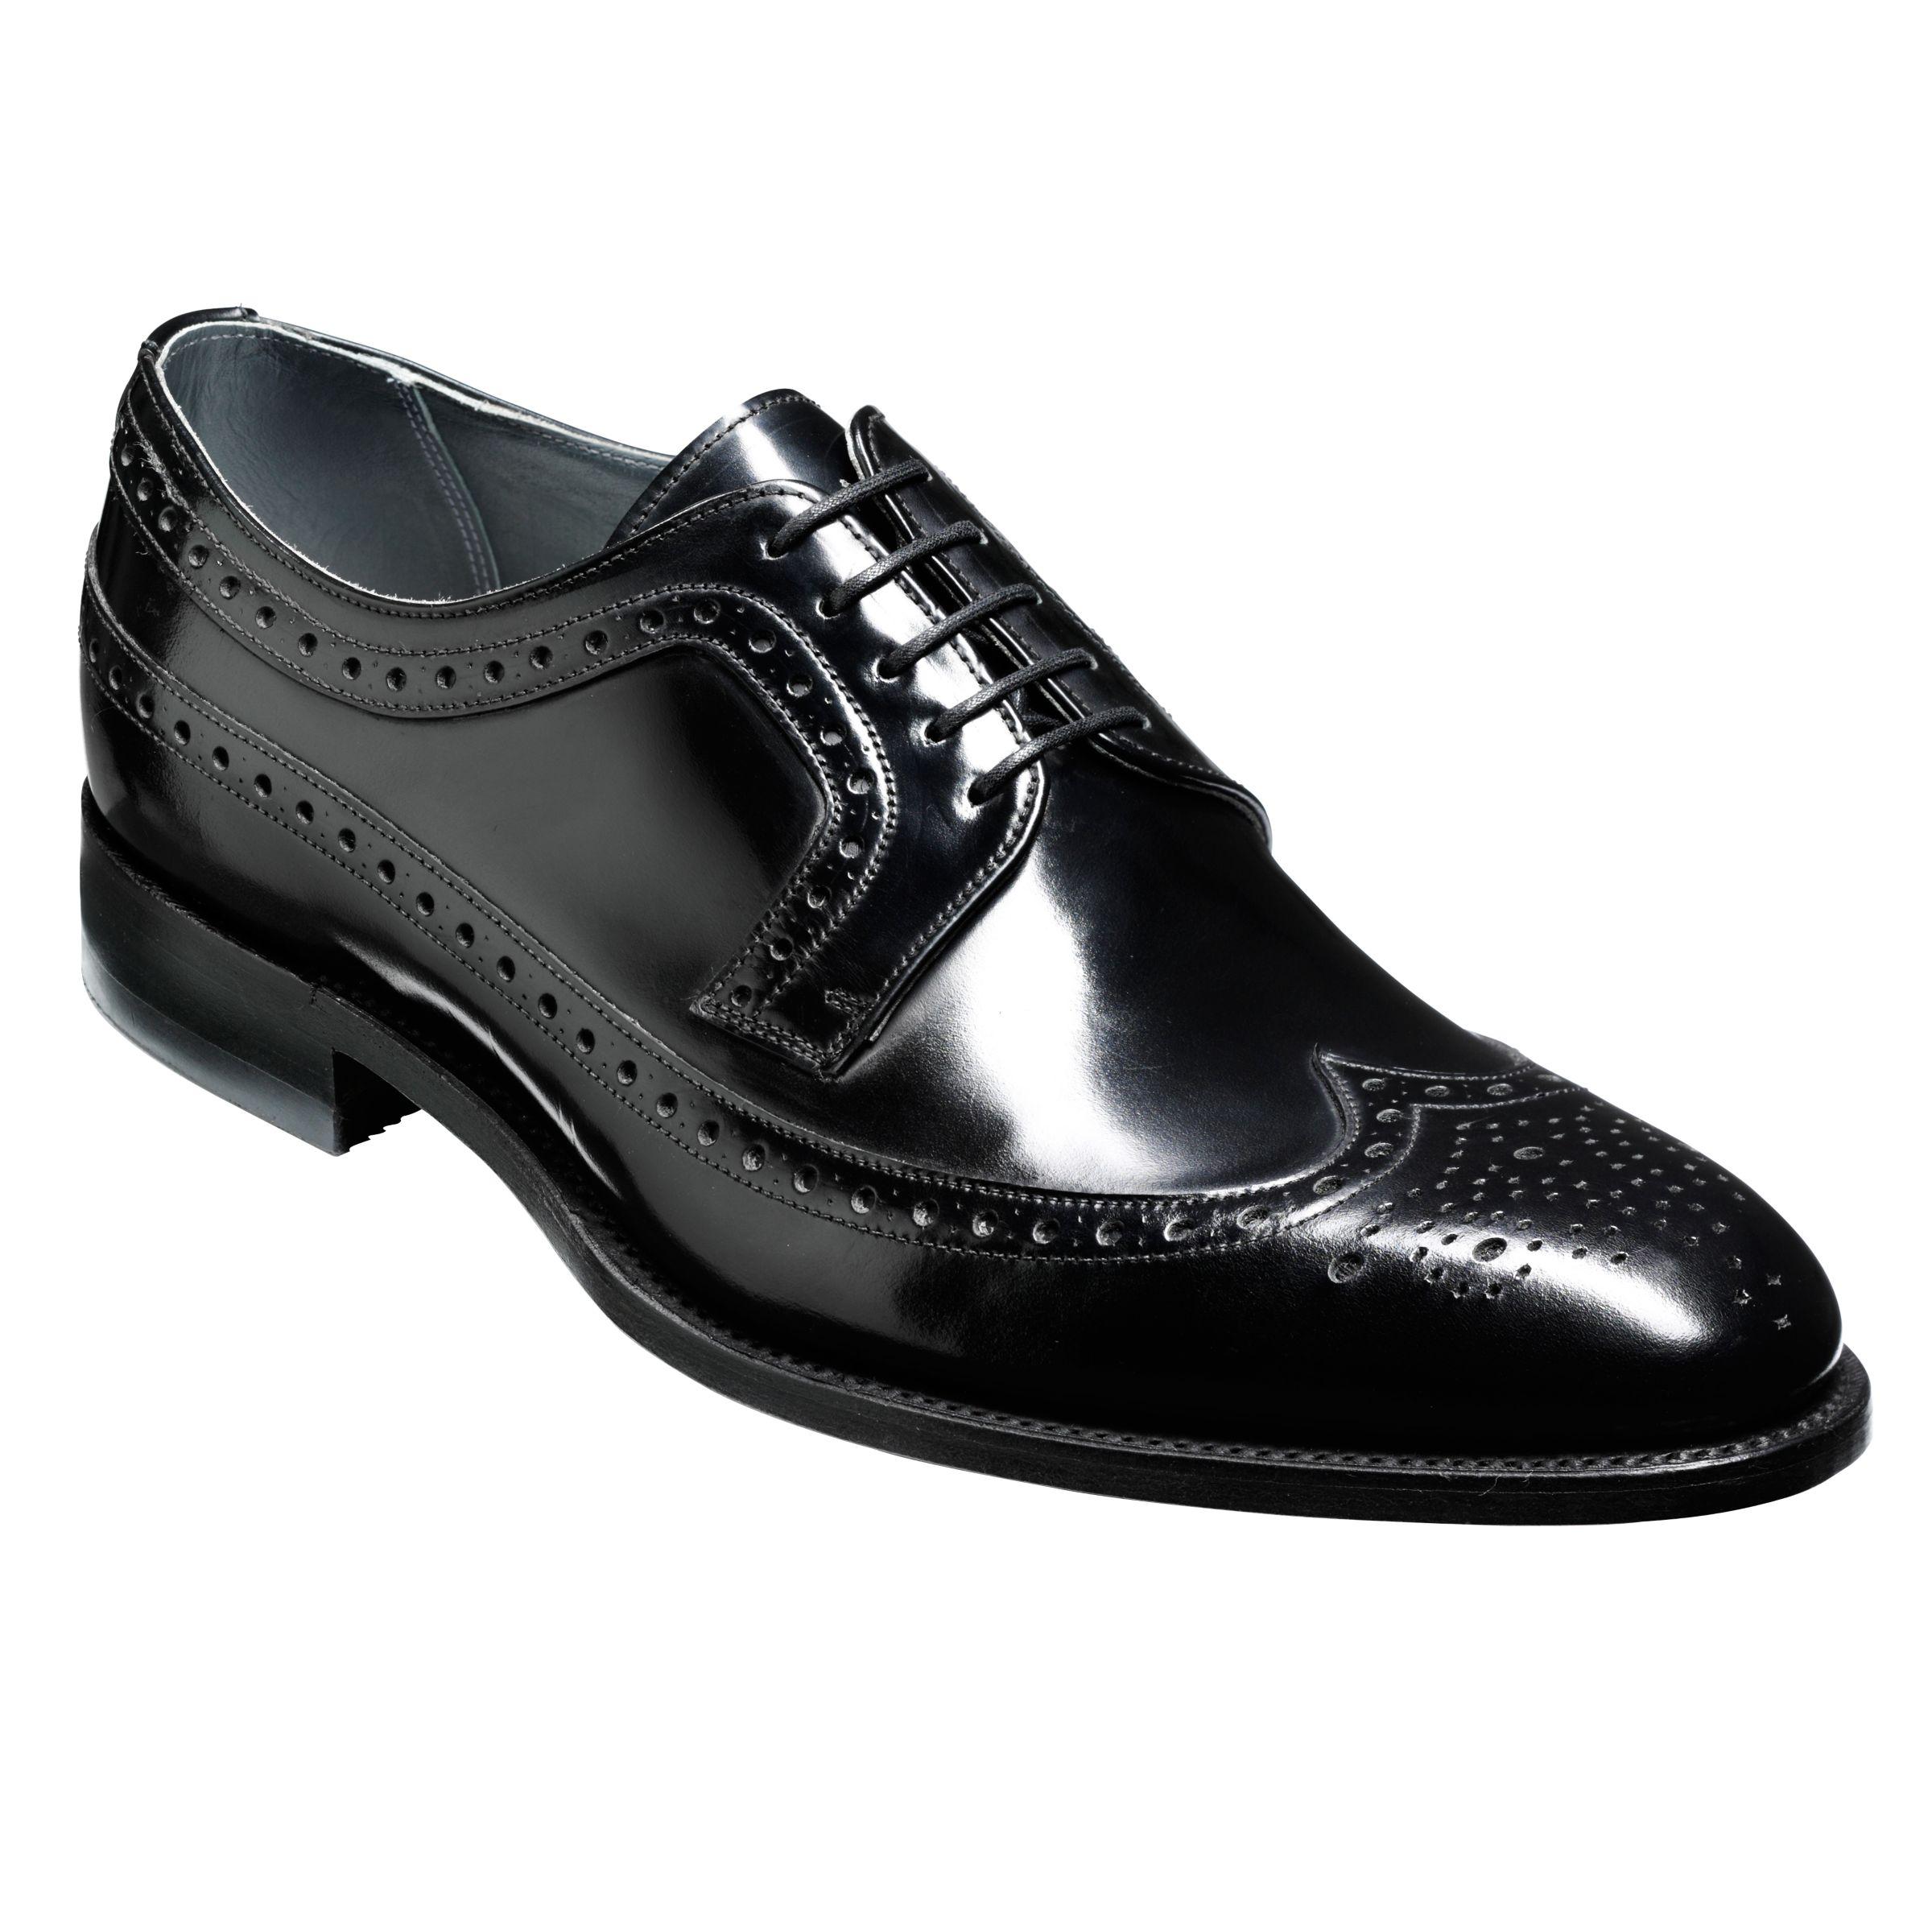 Barker Barker Woodbridge Leather Brogue Derby Shoes, Black